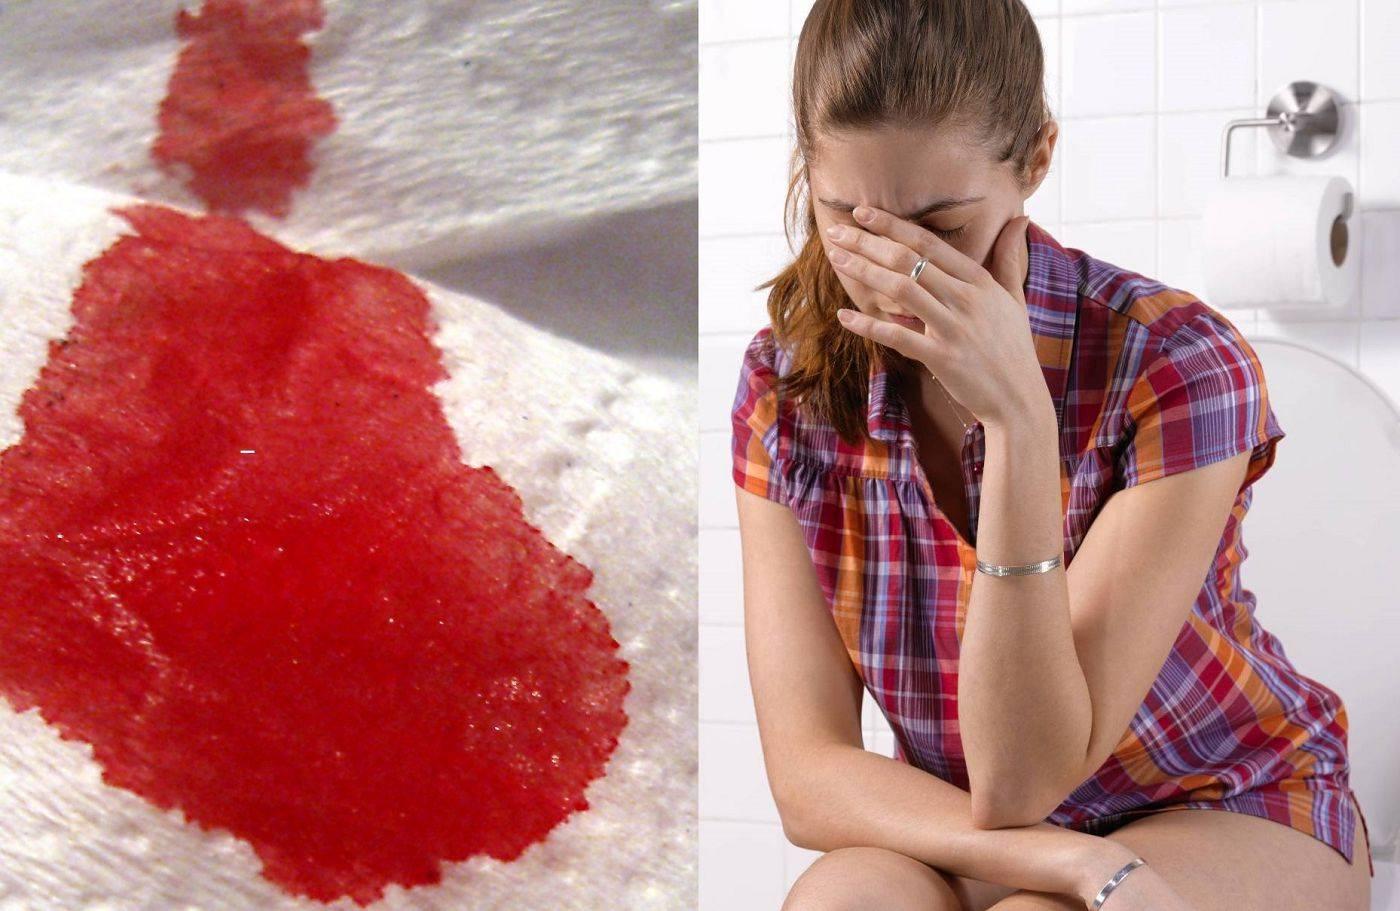 Кровь при и после дефекации на бумаге и в кале, в том числе без боли, у женщин и мужчин: причины и лечение